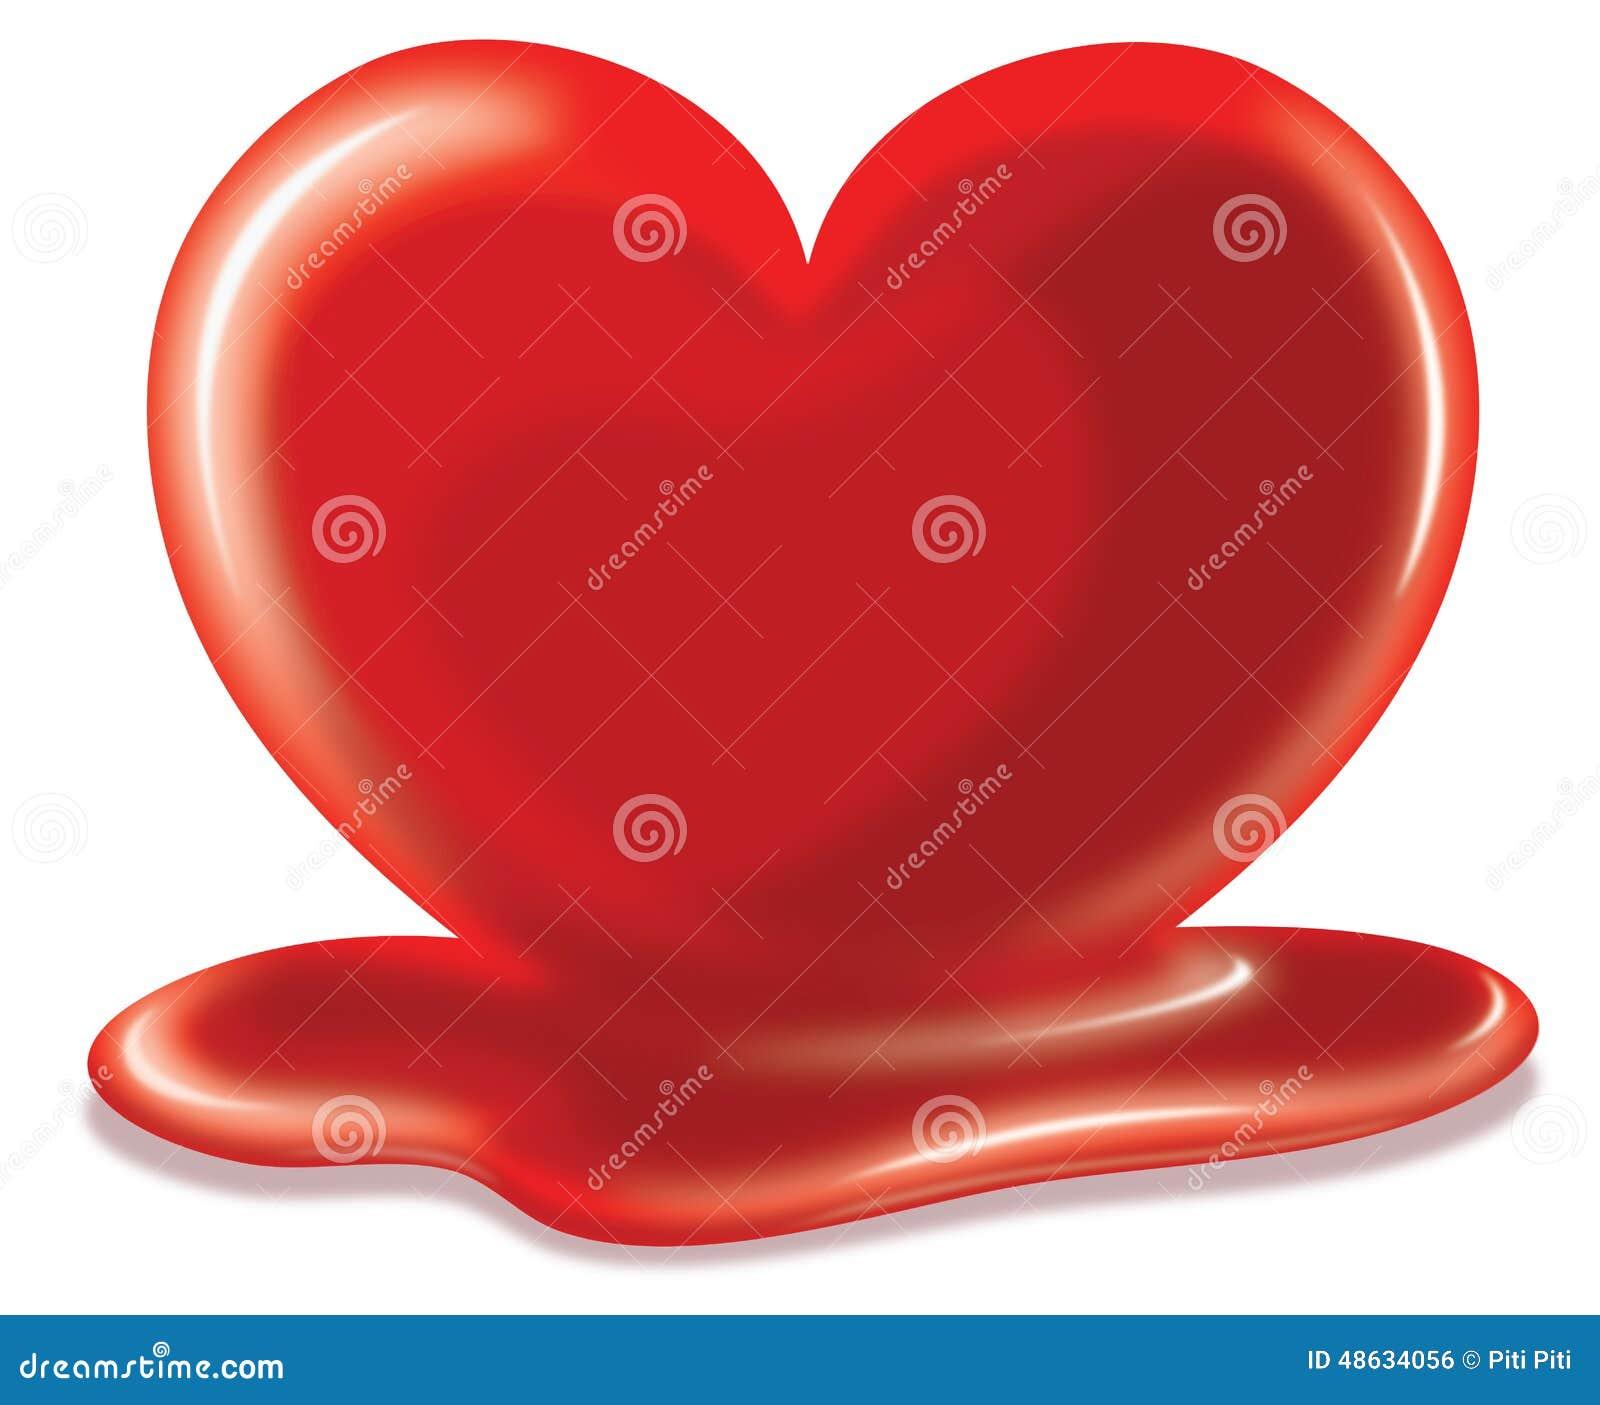 Image Of Heart Melting